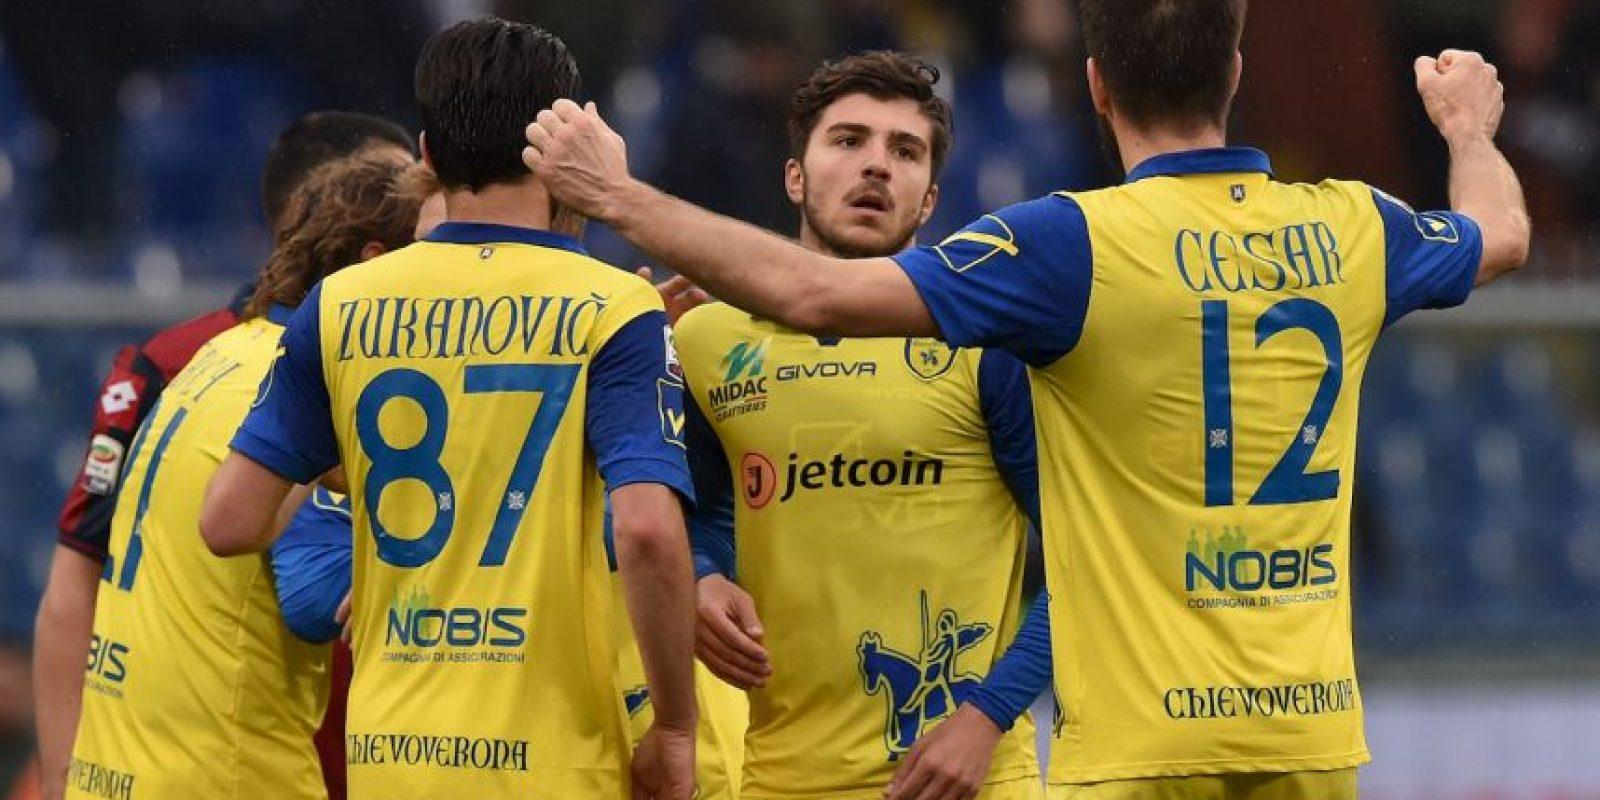 Equipo más viejo: Chievo Verona (28.3 años) Foto:Getty Images